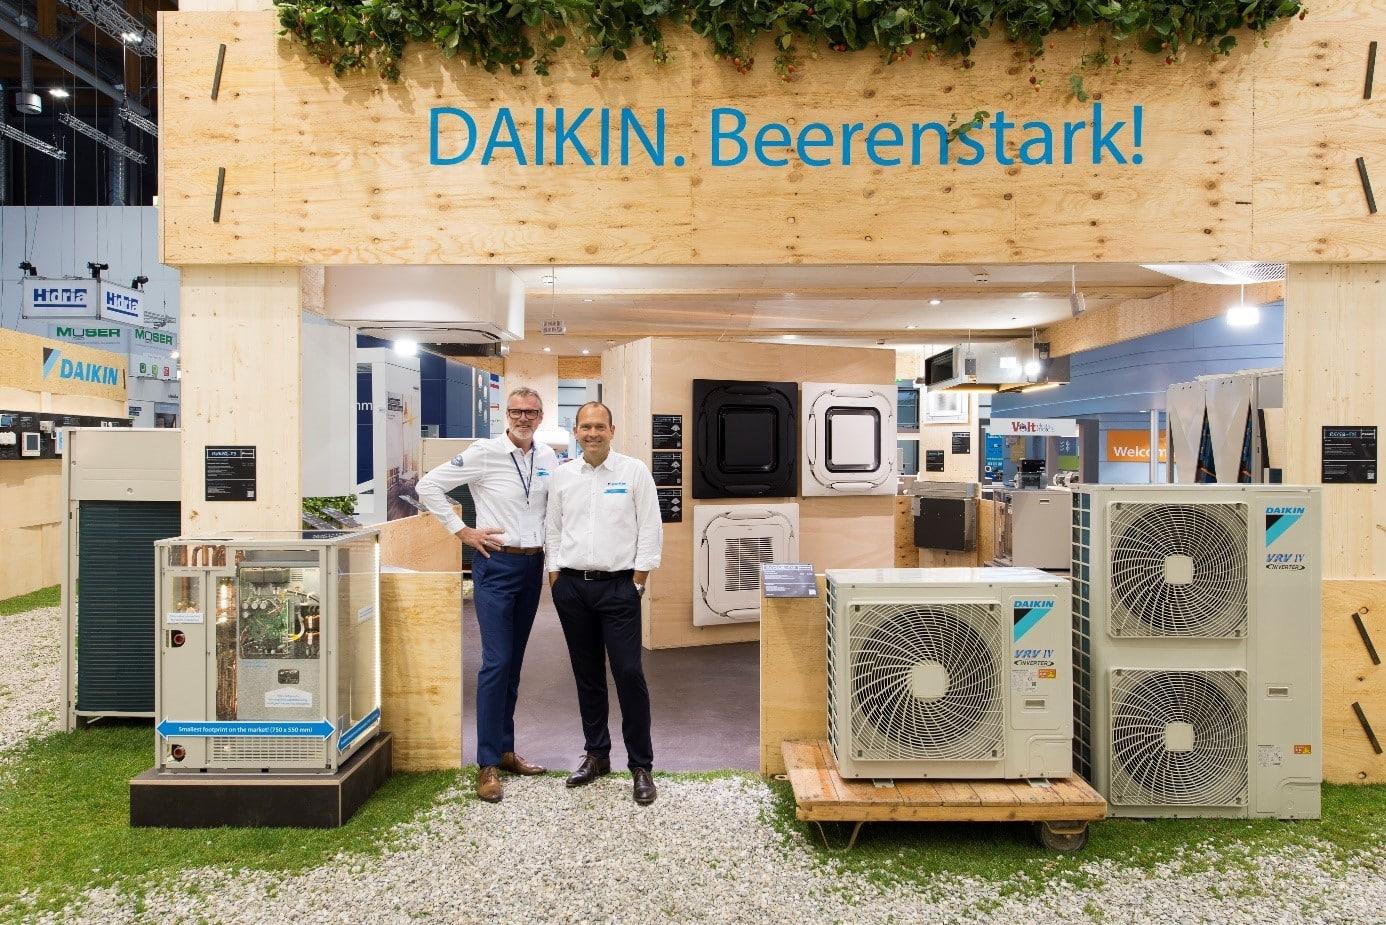 Mit DAIKIN Systemlösungen ökologisch verantwortungsvoll und unternehmerisch erfolgreich